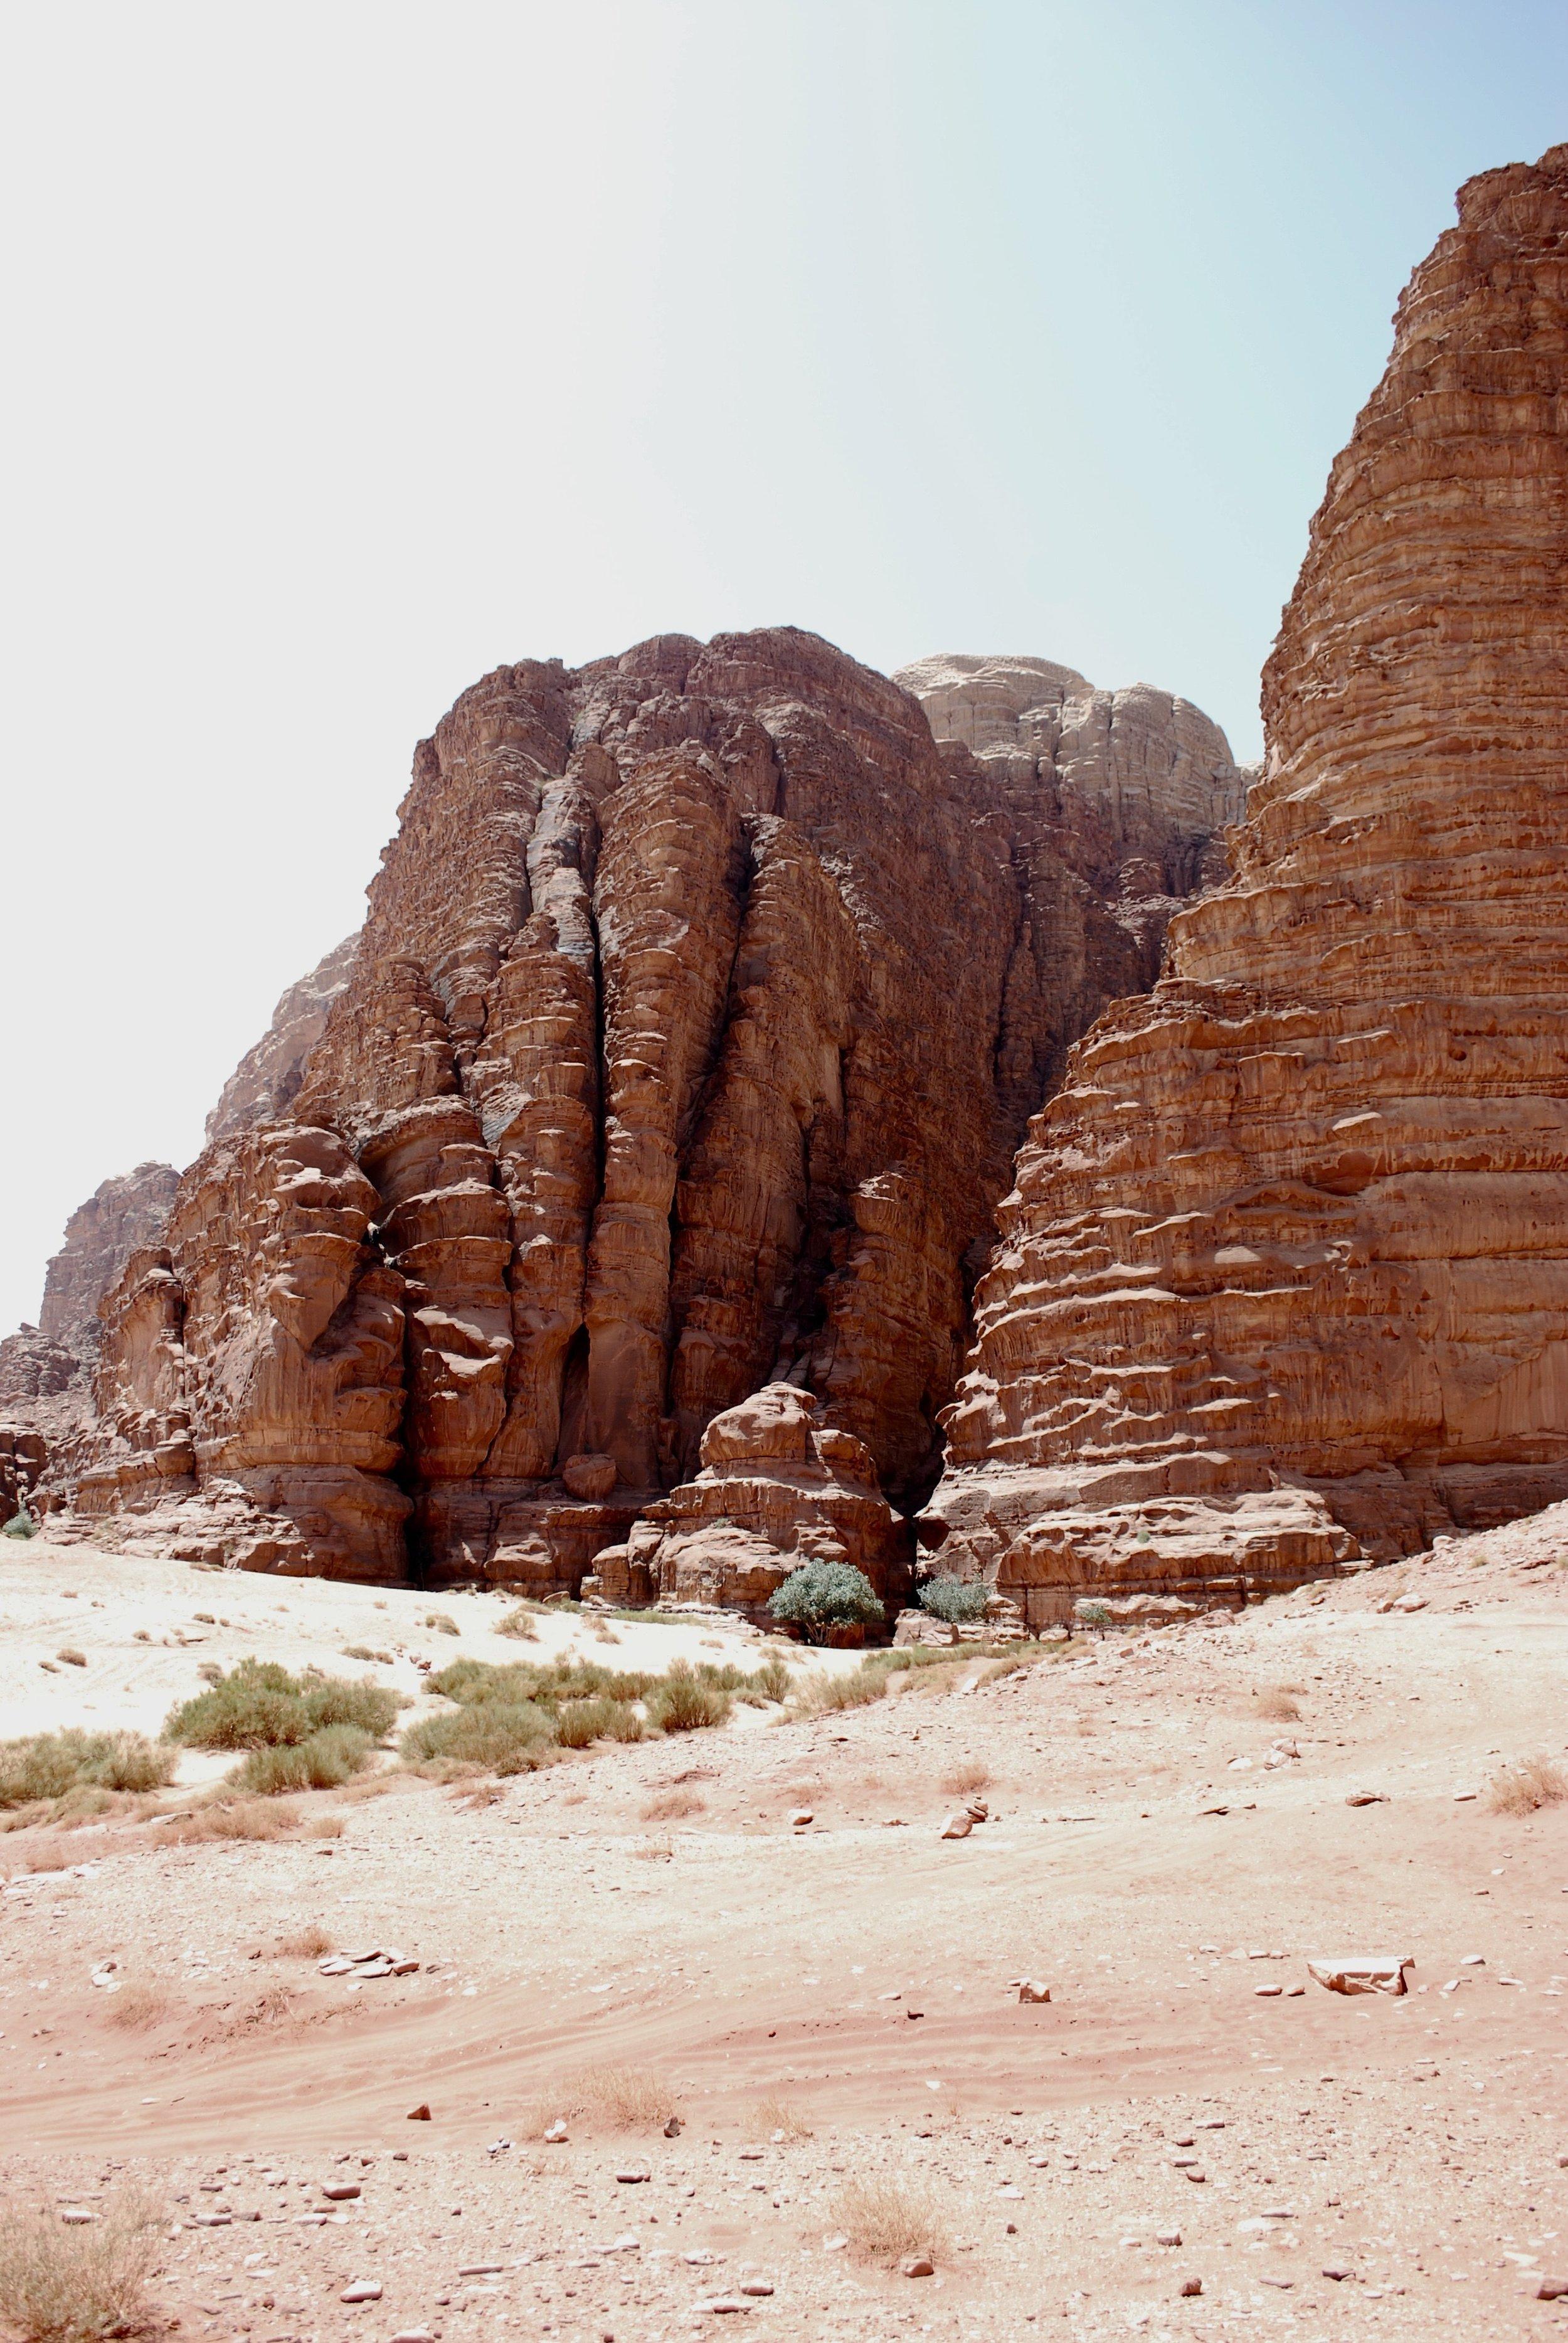 Entrance to Khazali Canyon, Wadi Rum